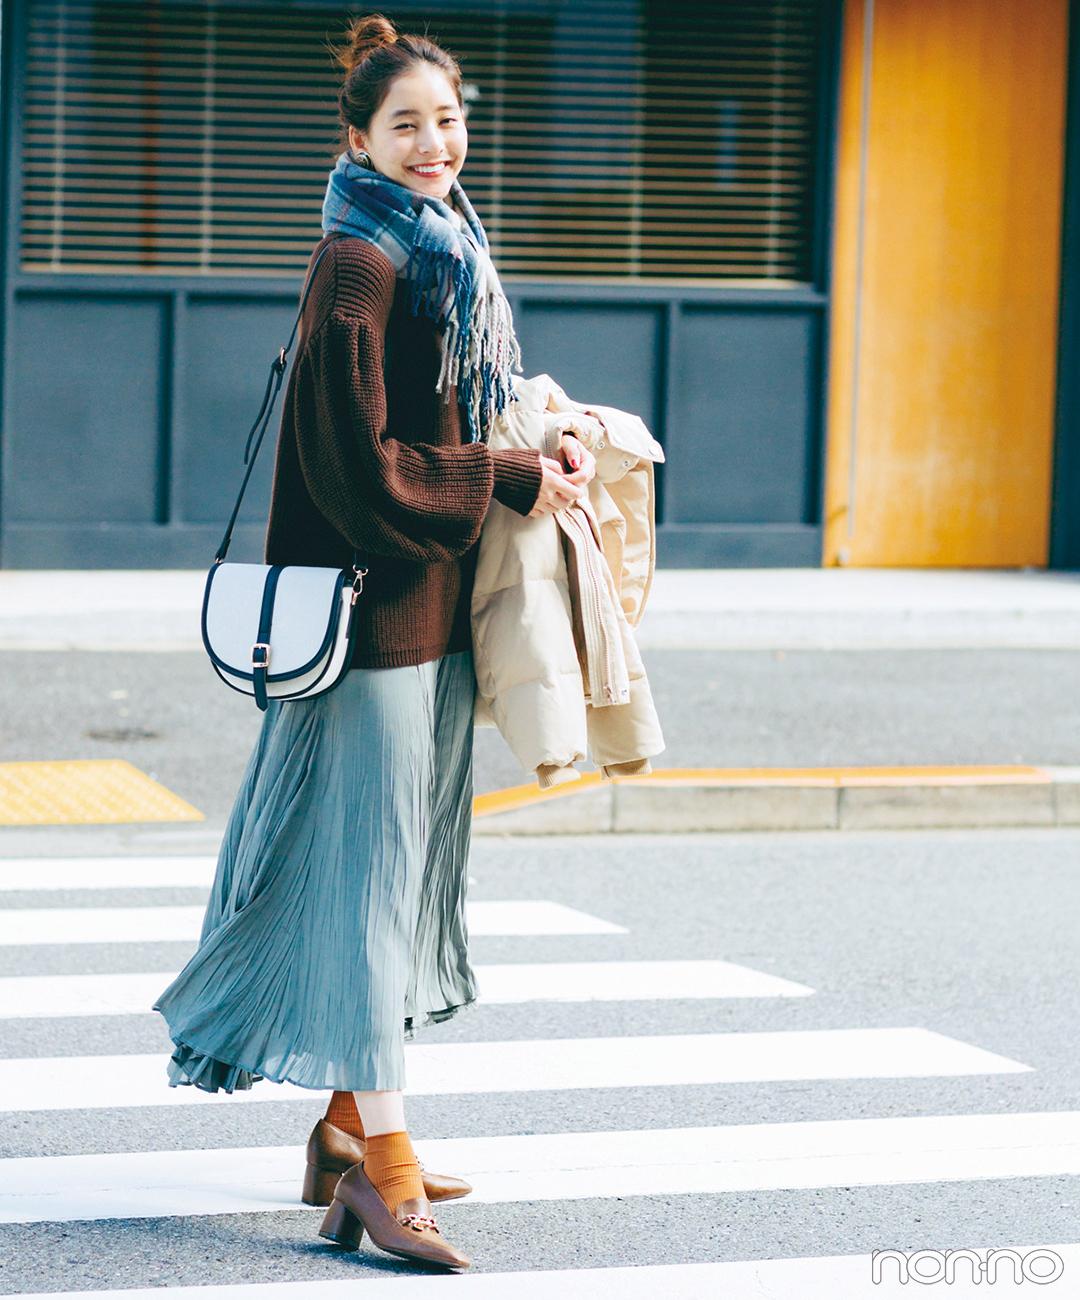 新木優子はニット&揺れスカートでラフさと甘さを絶妙ミックス【毎日コーデ】